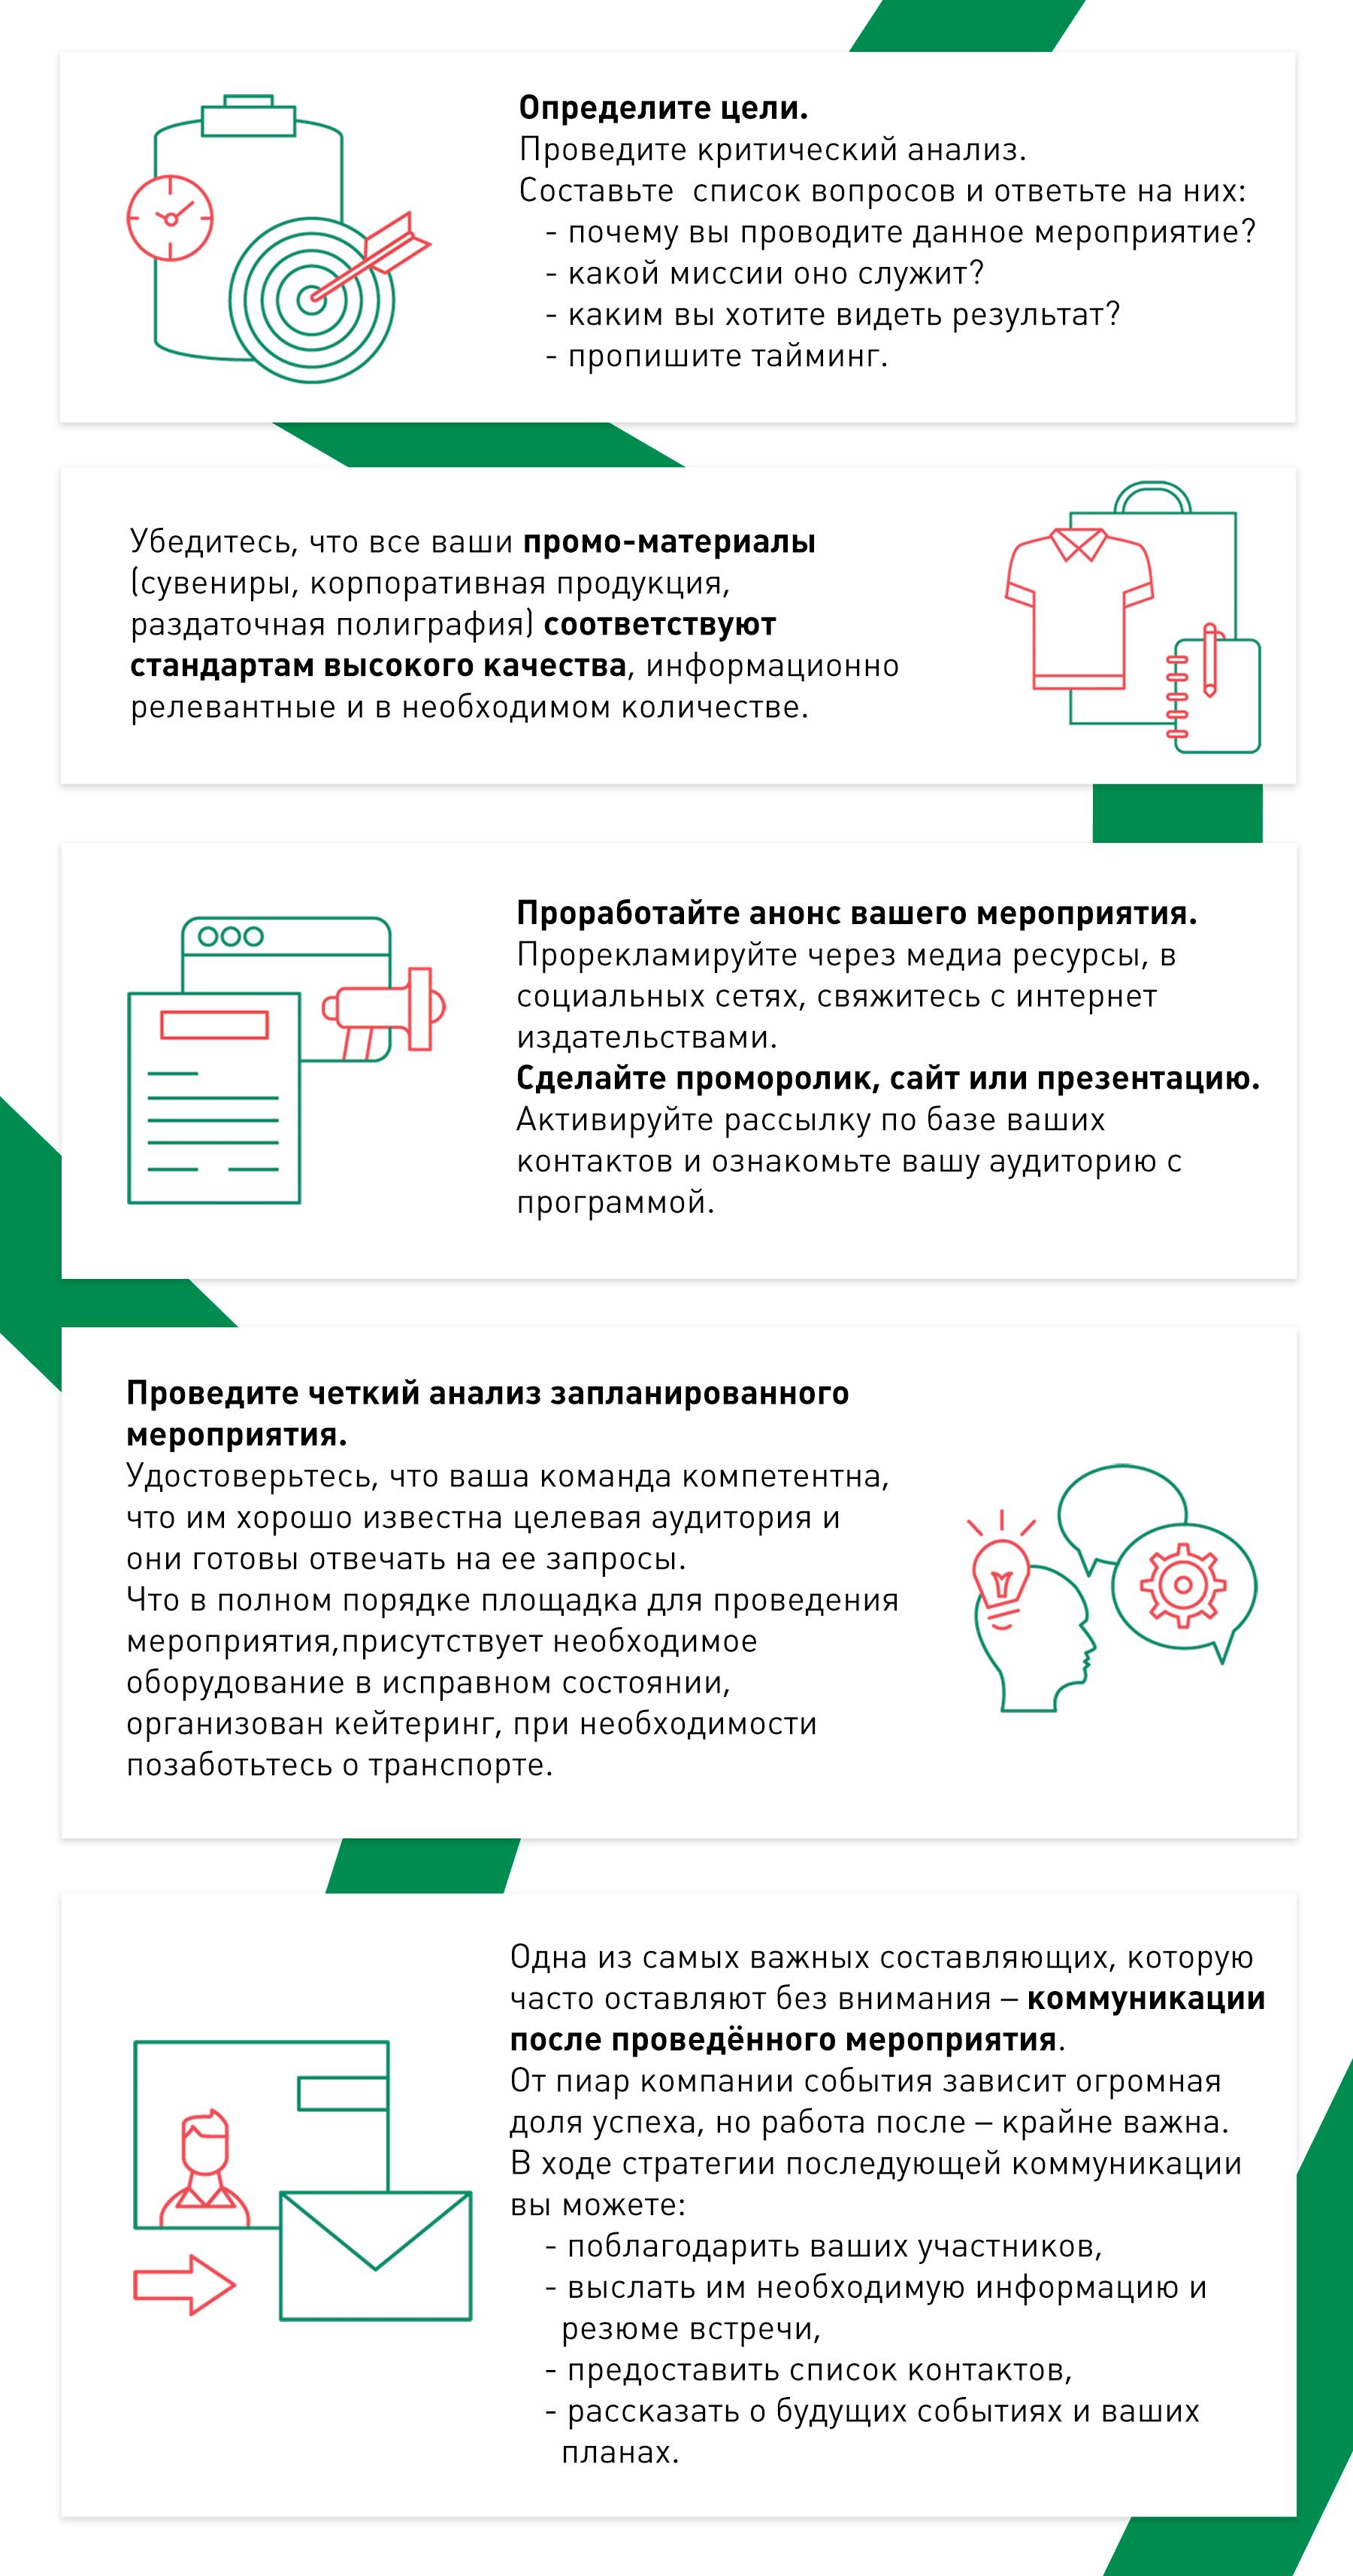 Инфографика - Рекомендации по проведению мероприятия